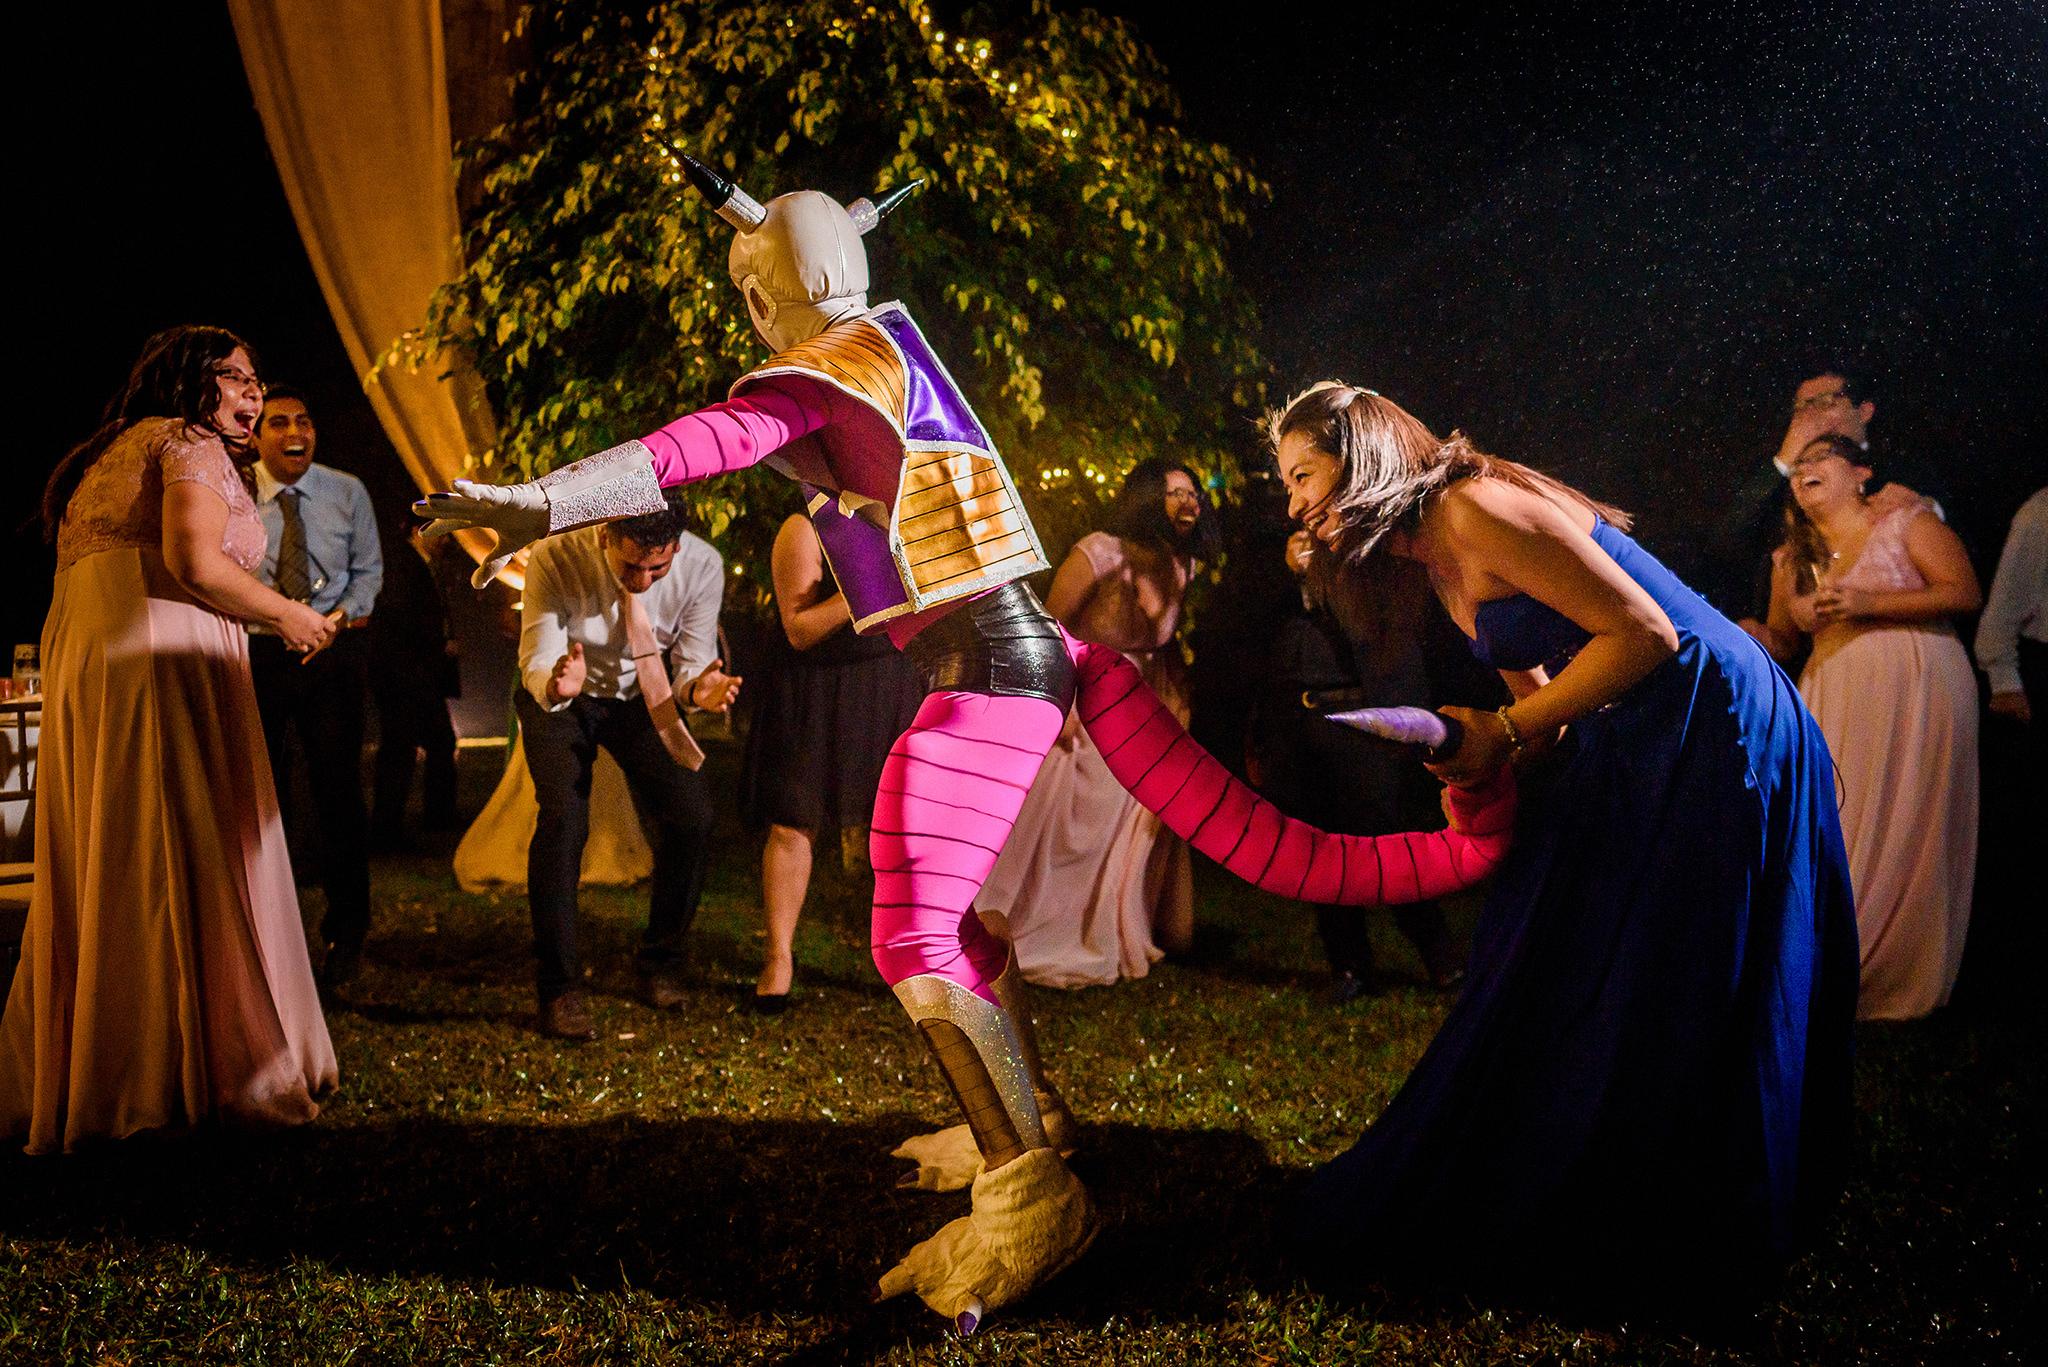 Hora Loca Artistica Producciones Fotografo Luis Jara